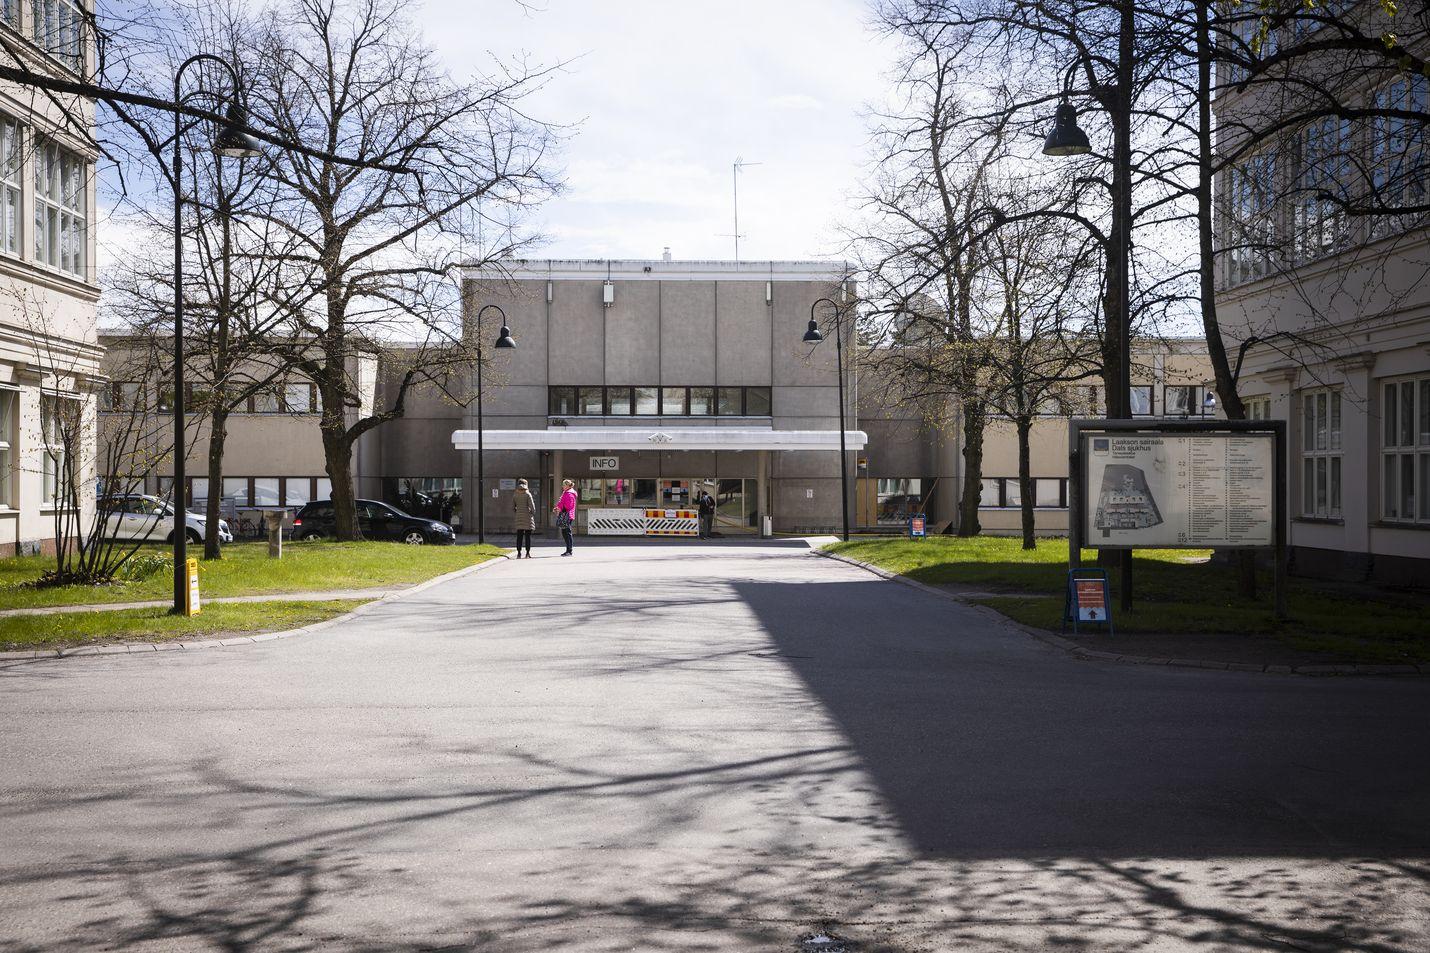 Koronavirus on levinnyt huhtikuun puolivälin jälkeen esimerkiksi Helsingissä Laakson sairaalassa, mutta tartunnan lähdettä tai lähteitä ei vielä tiedetä.